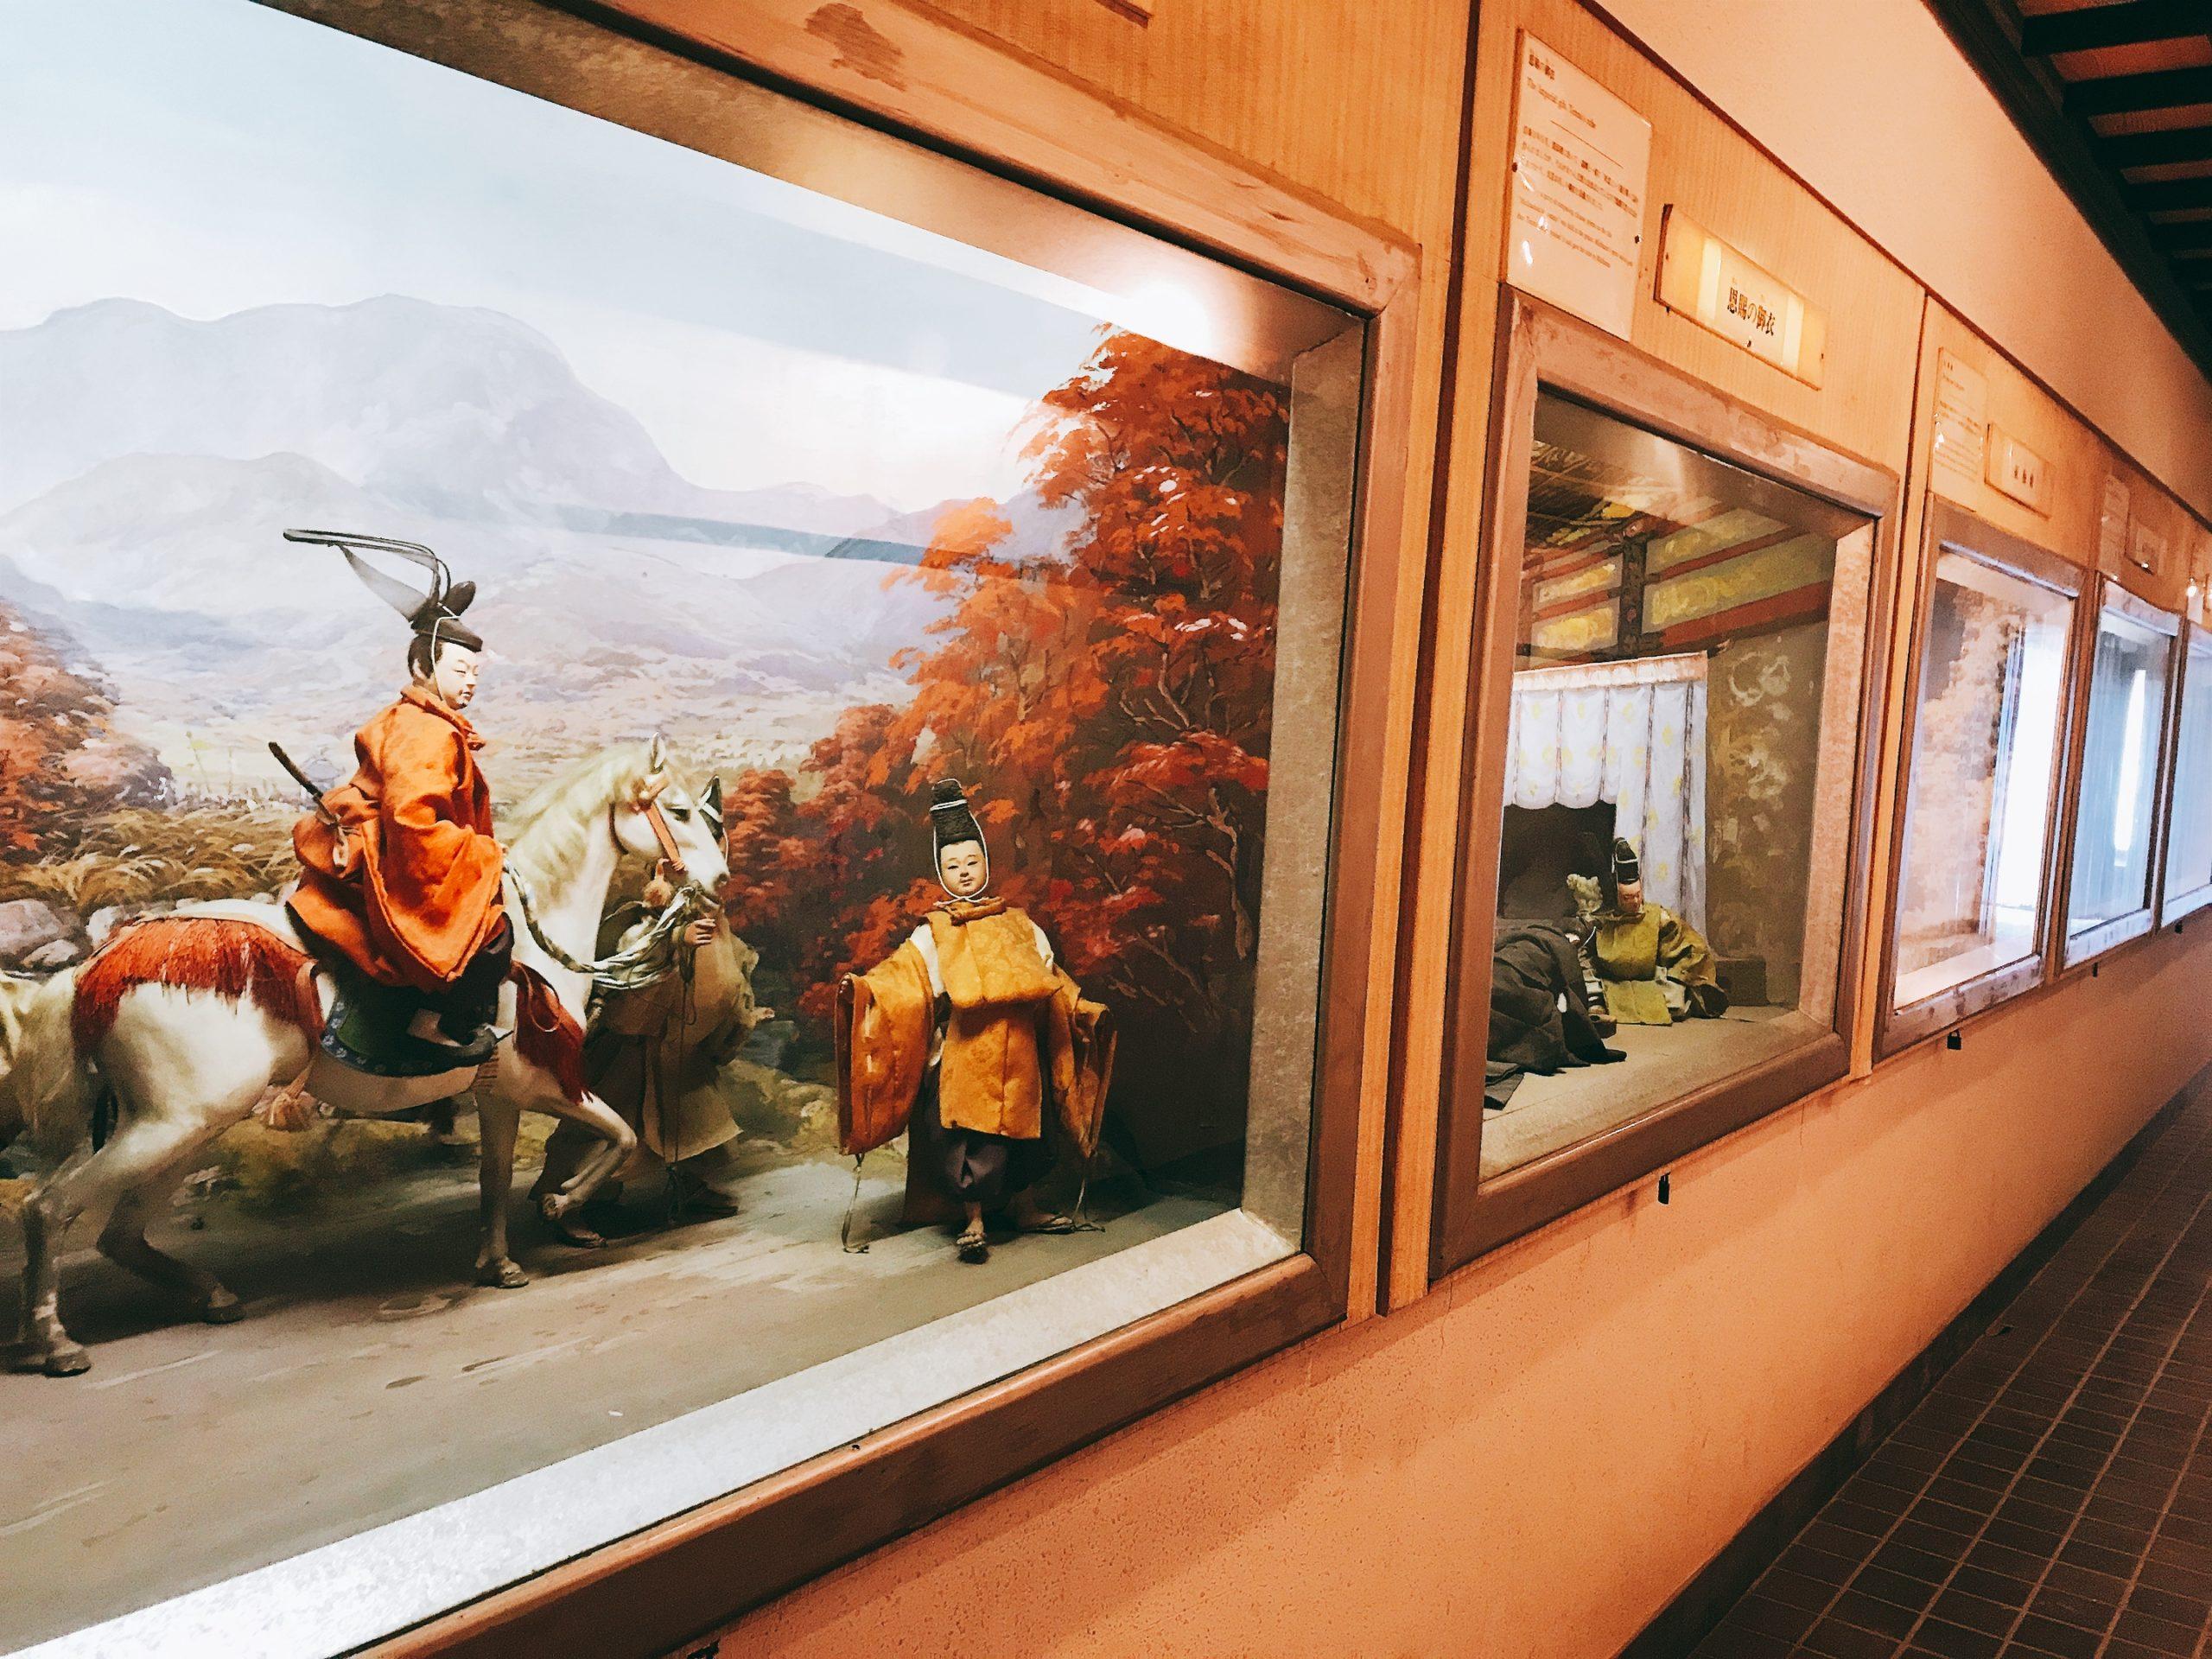 大阪天満宮の菅家廊下で天神様を学ぼう